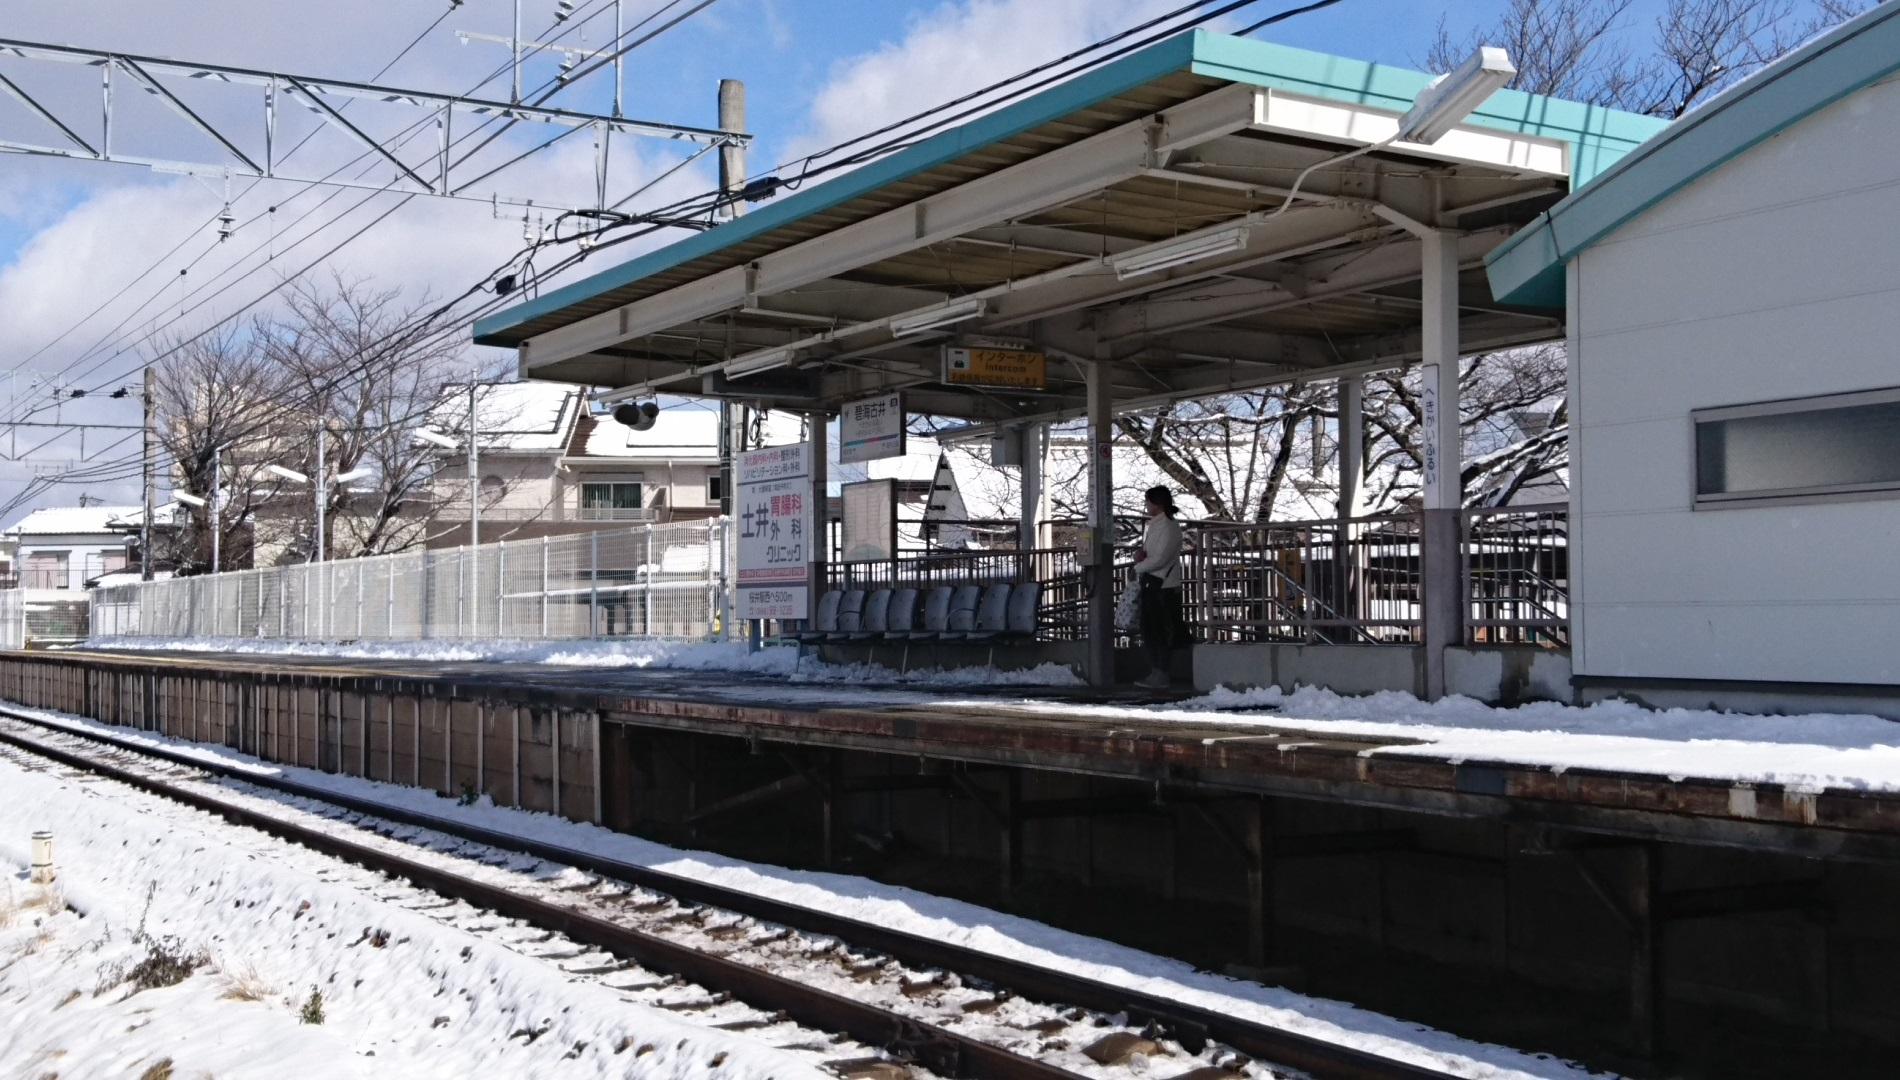 2017.1.15 西尾線 (3) 古井 1900-1080